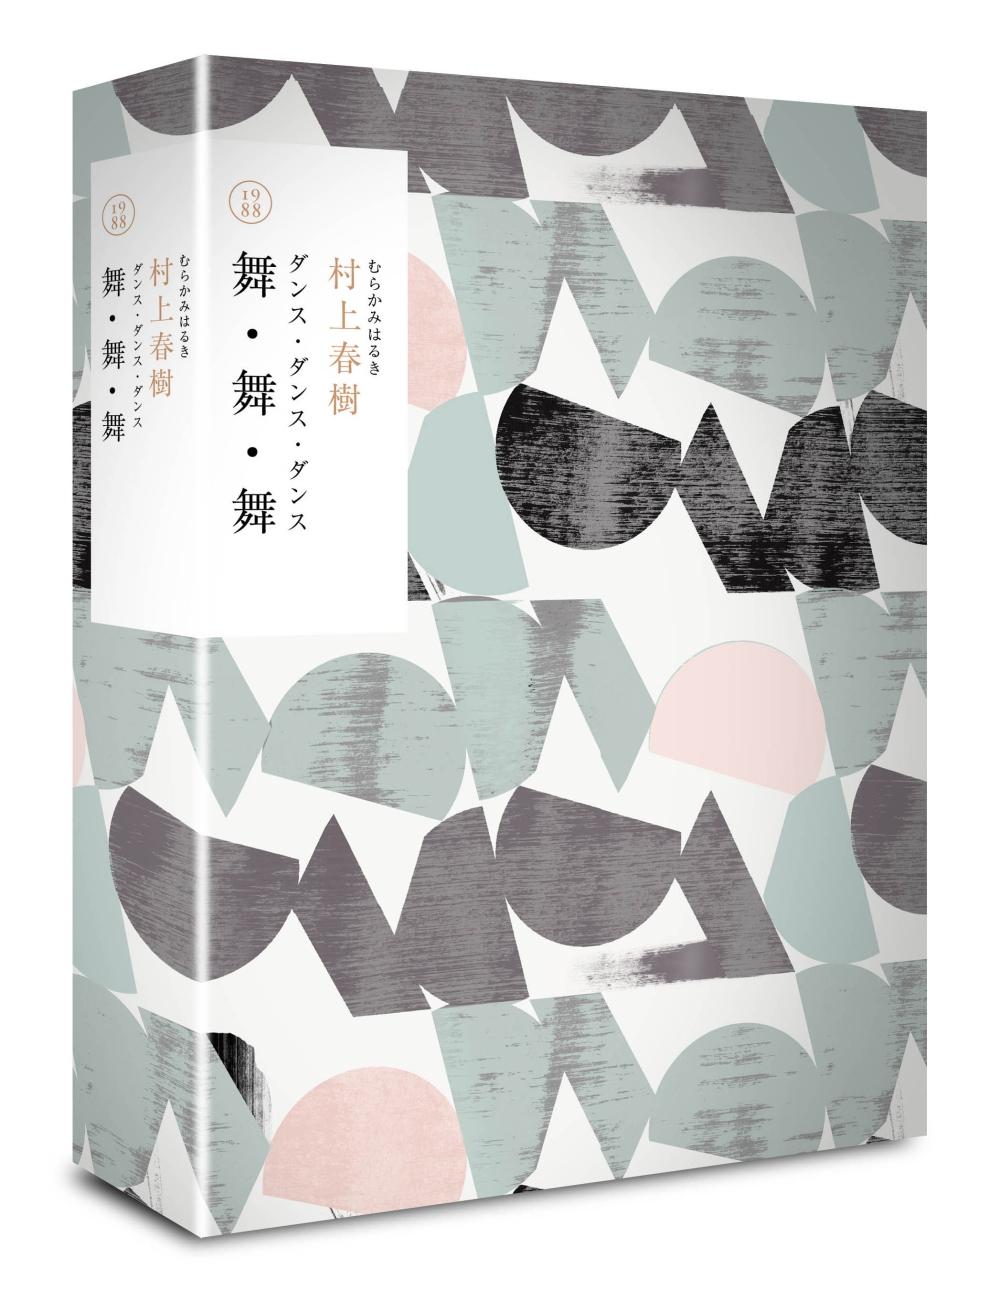 舞‧舞‧舞(村上春樹長篇小說盒裝典藏套書-2)